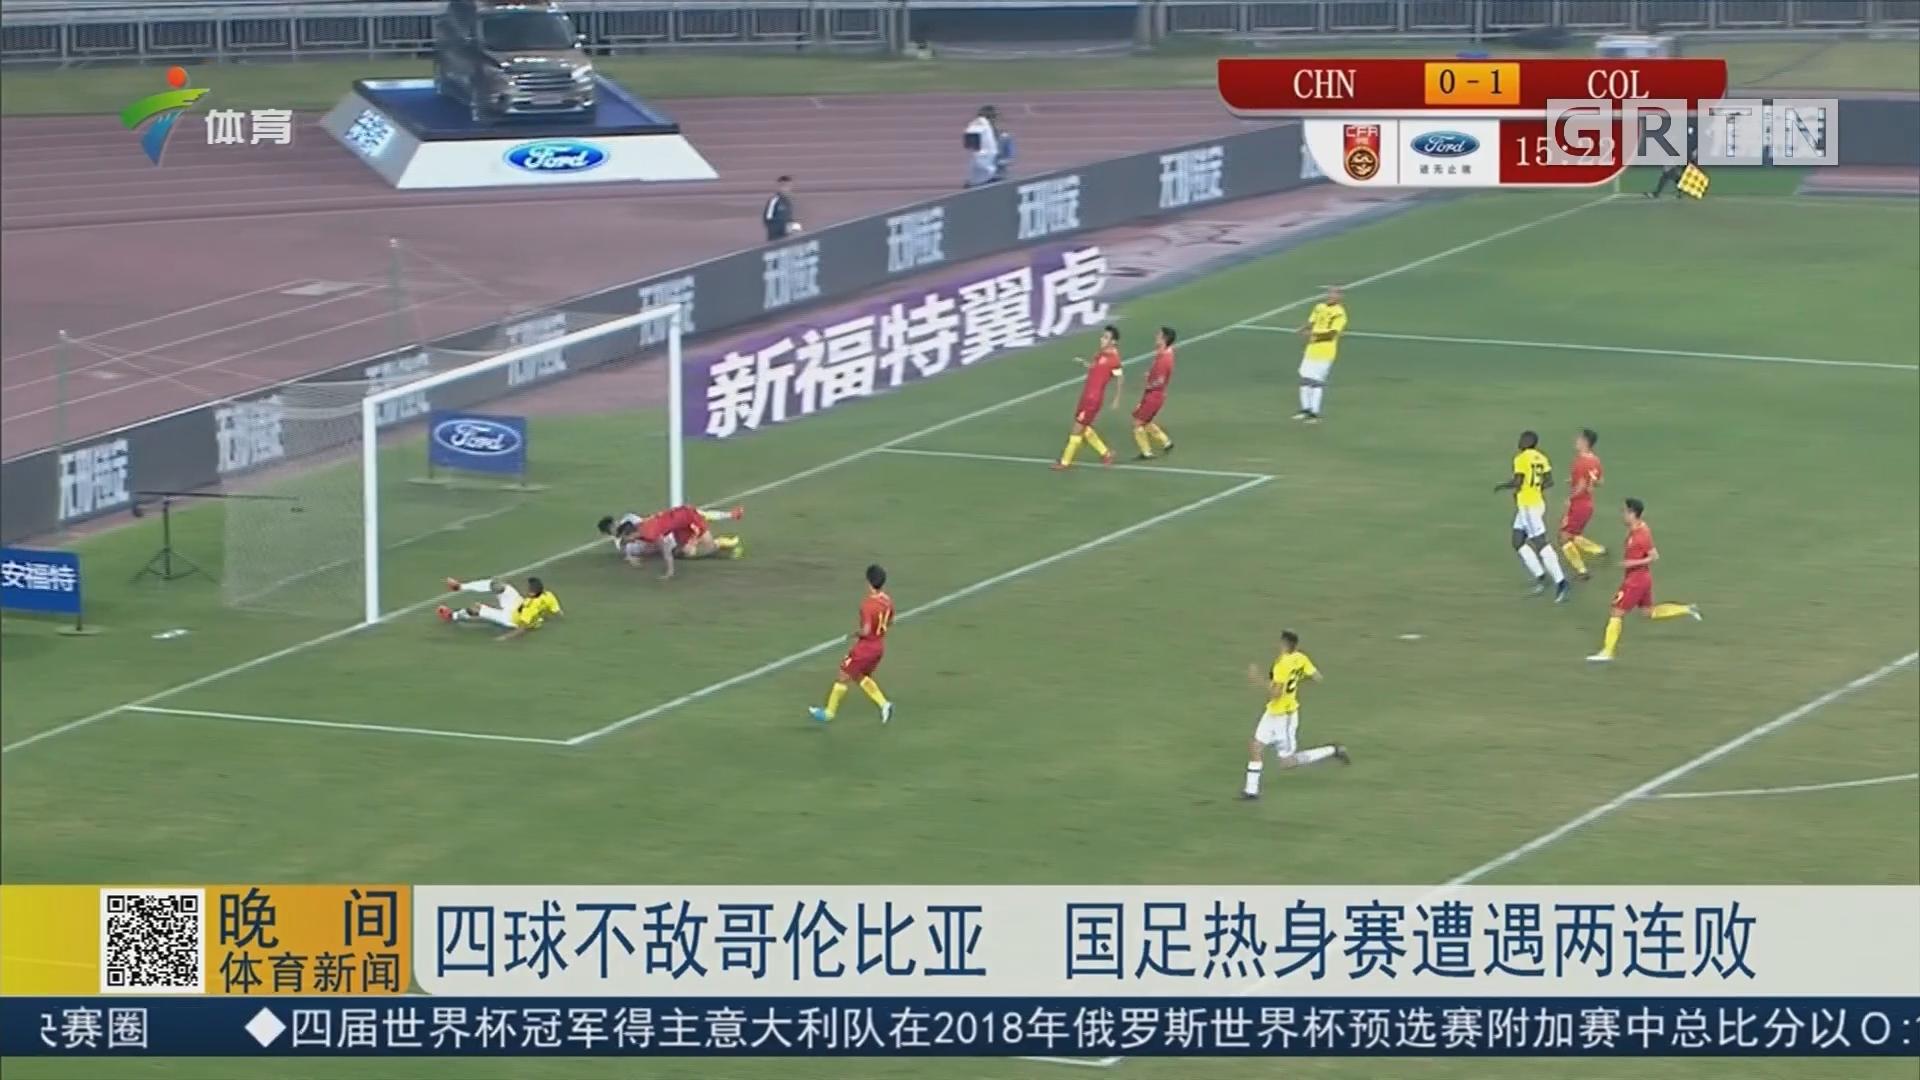 四球不敌哥伦比亚 国足热身赛遭遇两连败